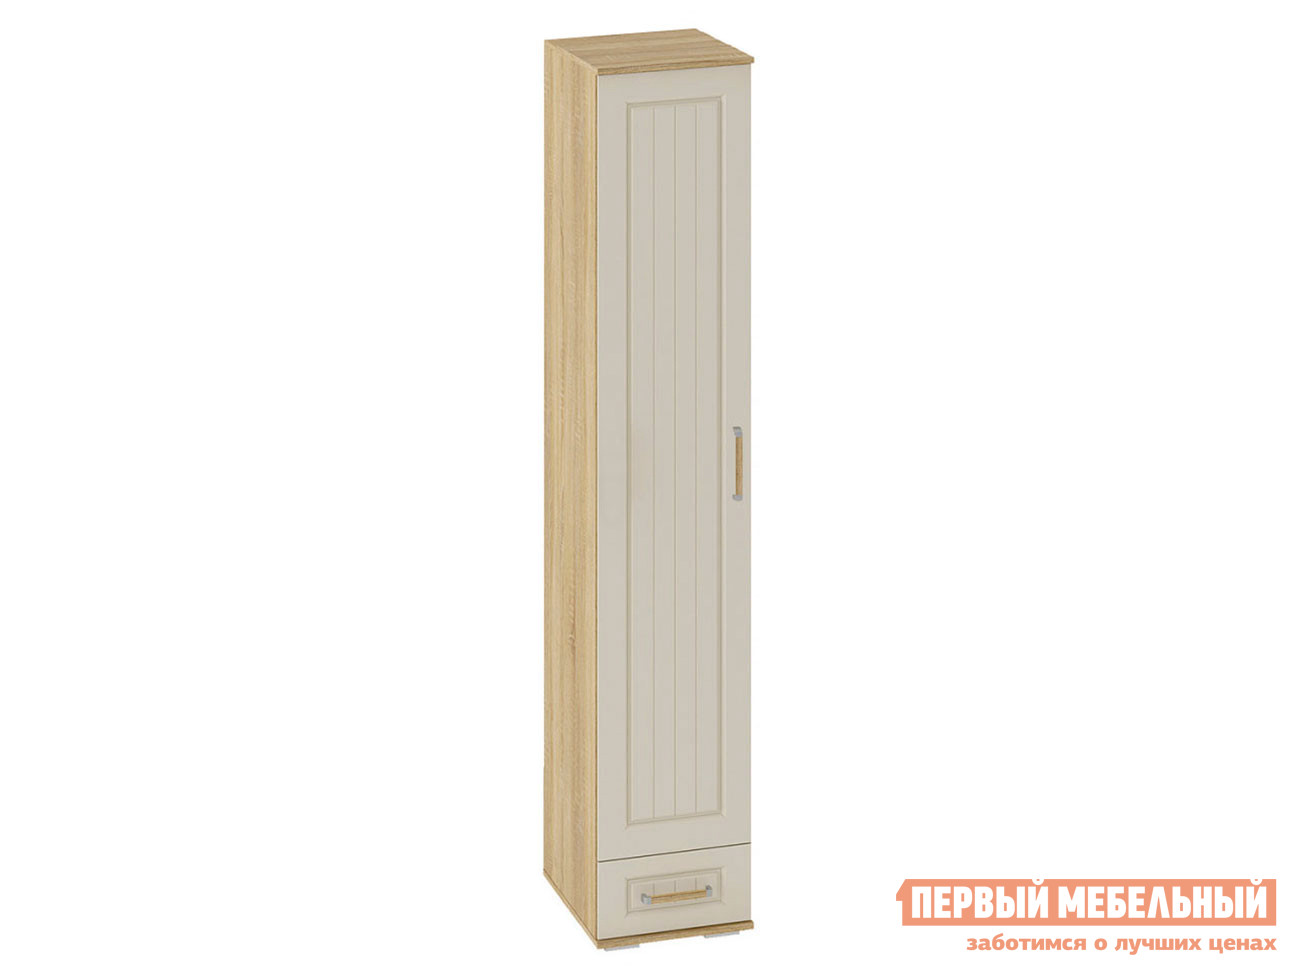 Распашной шкаф  Пенал Маркиза Дуб Сонома